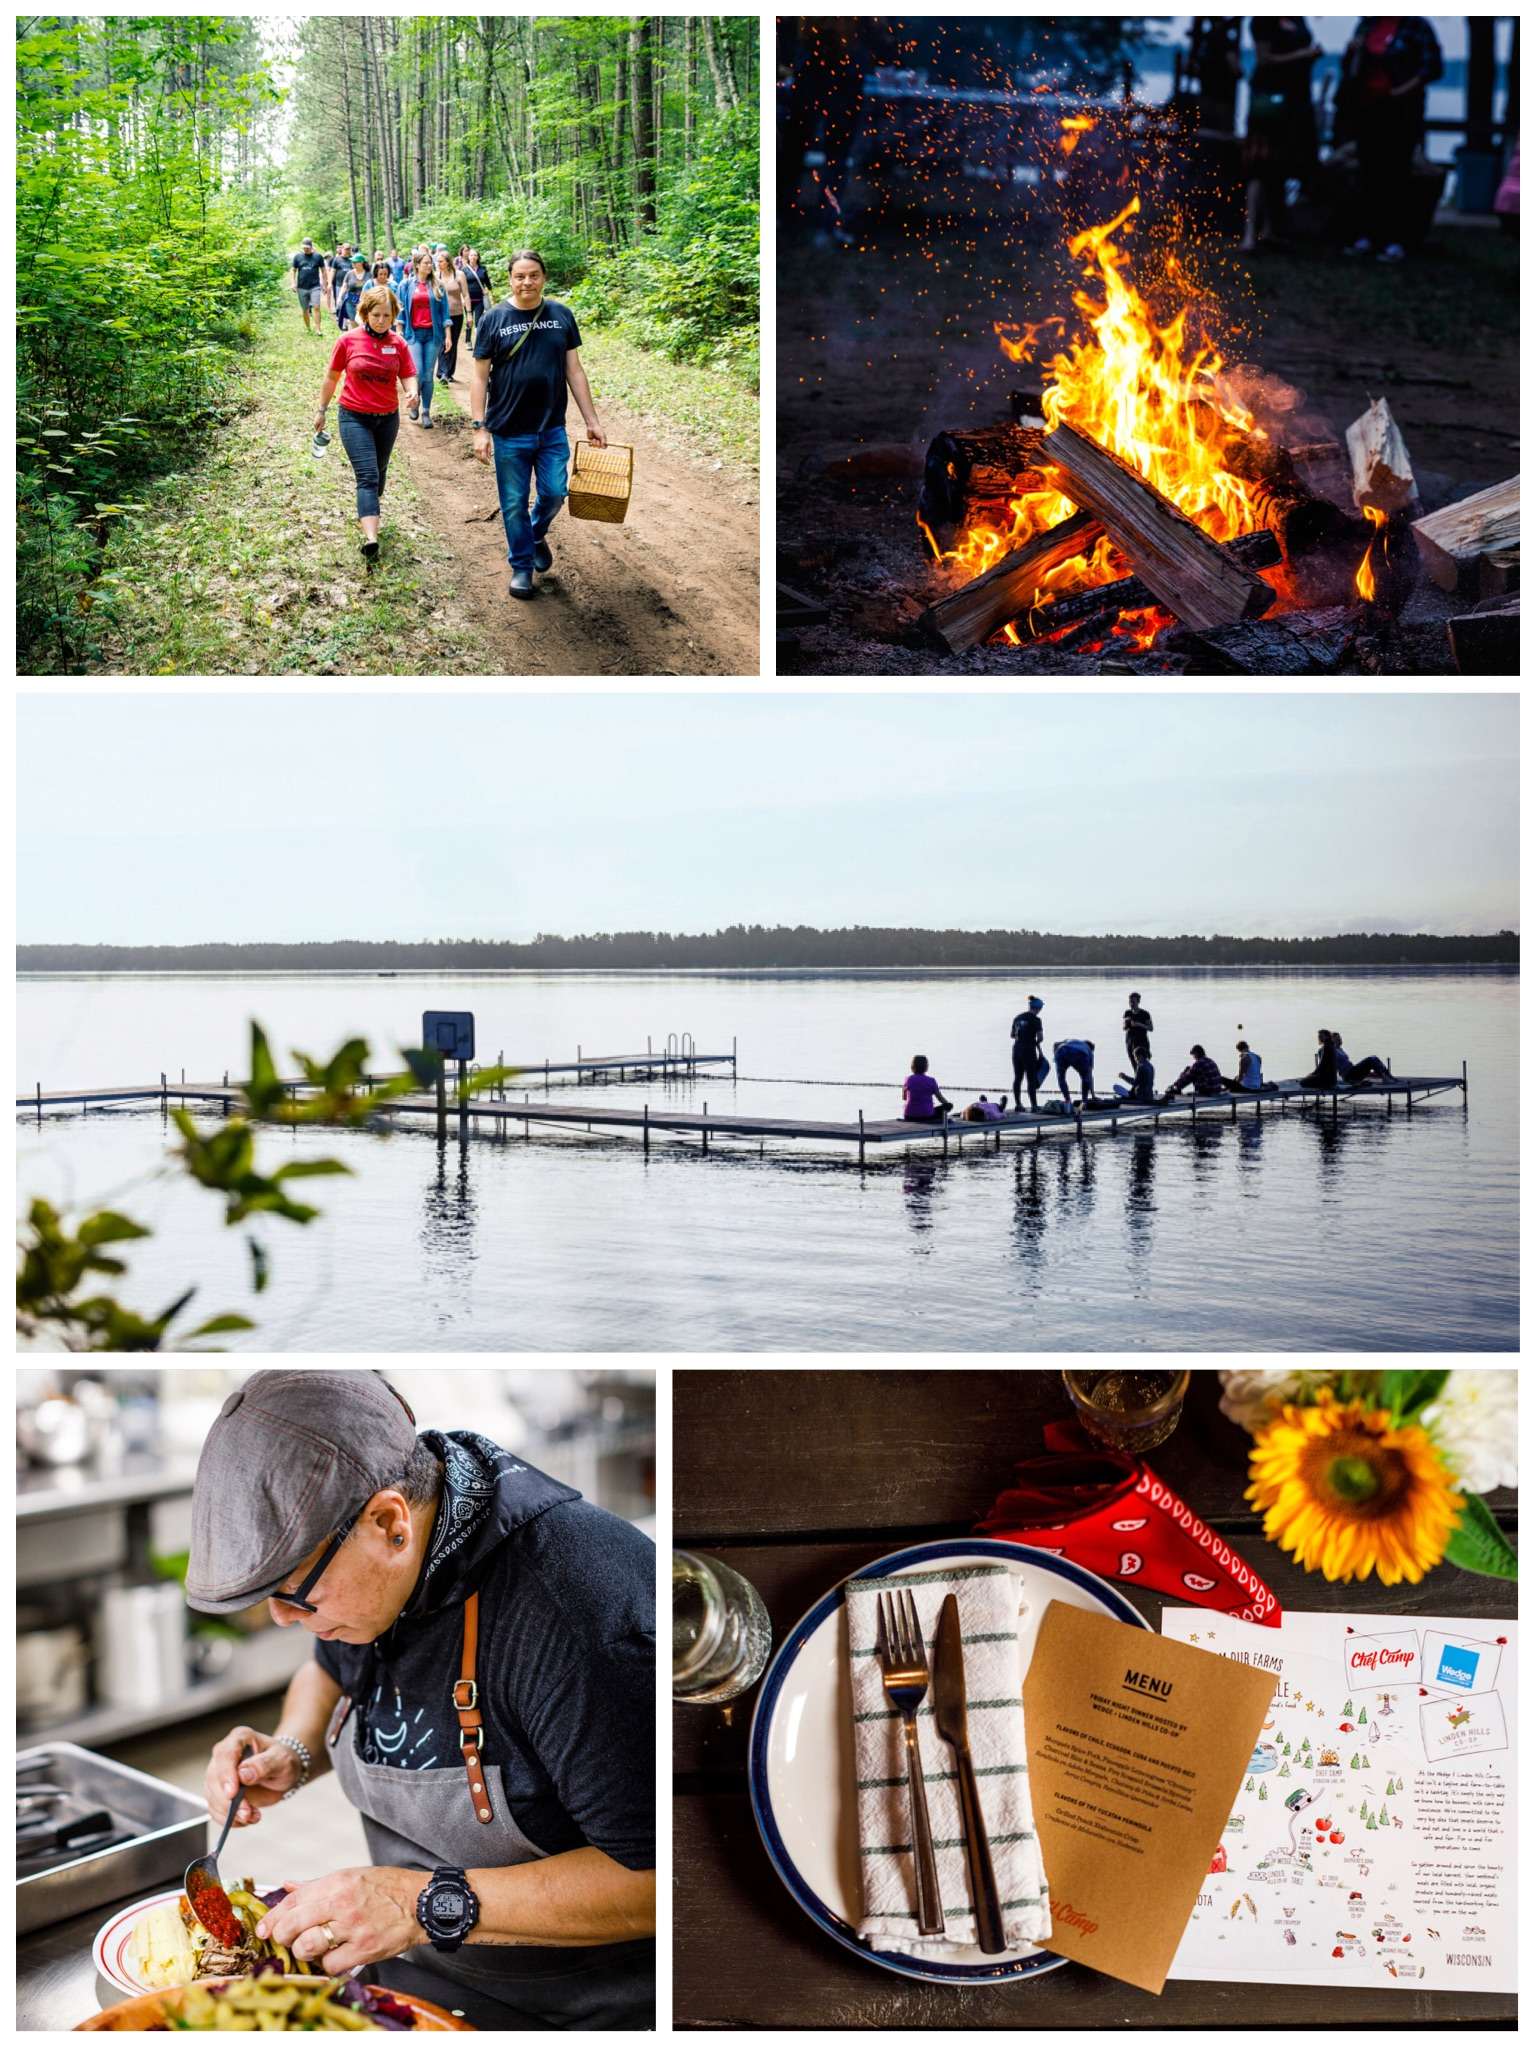 Camp photos